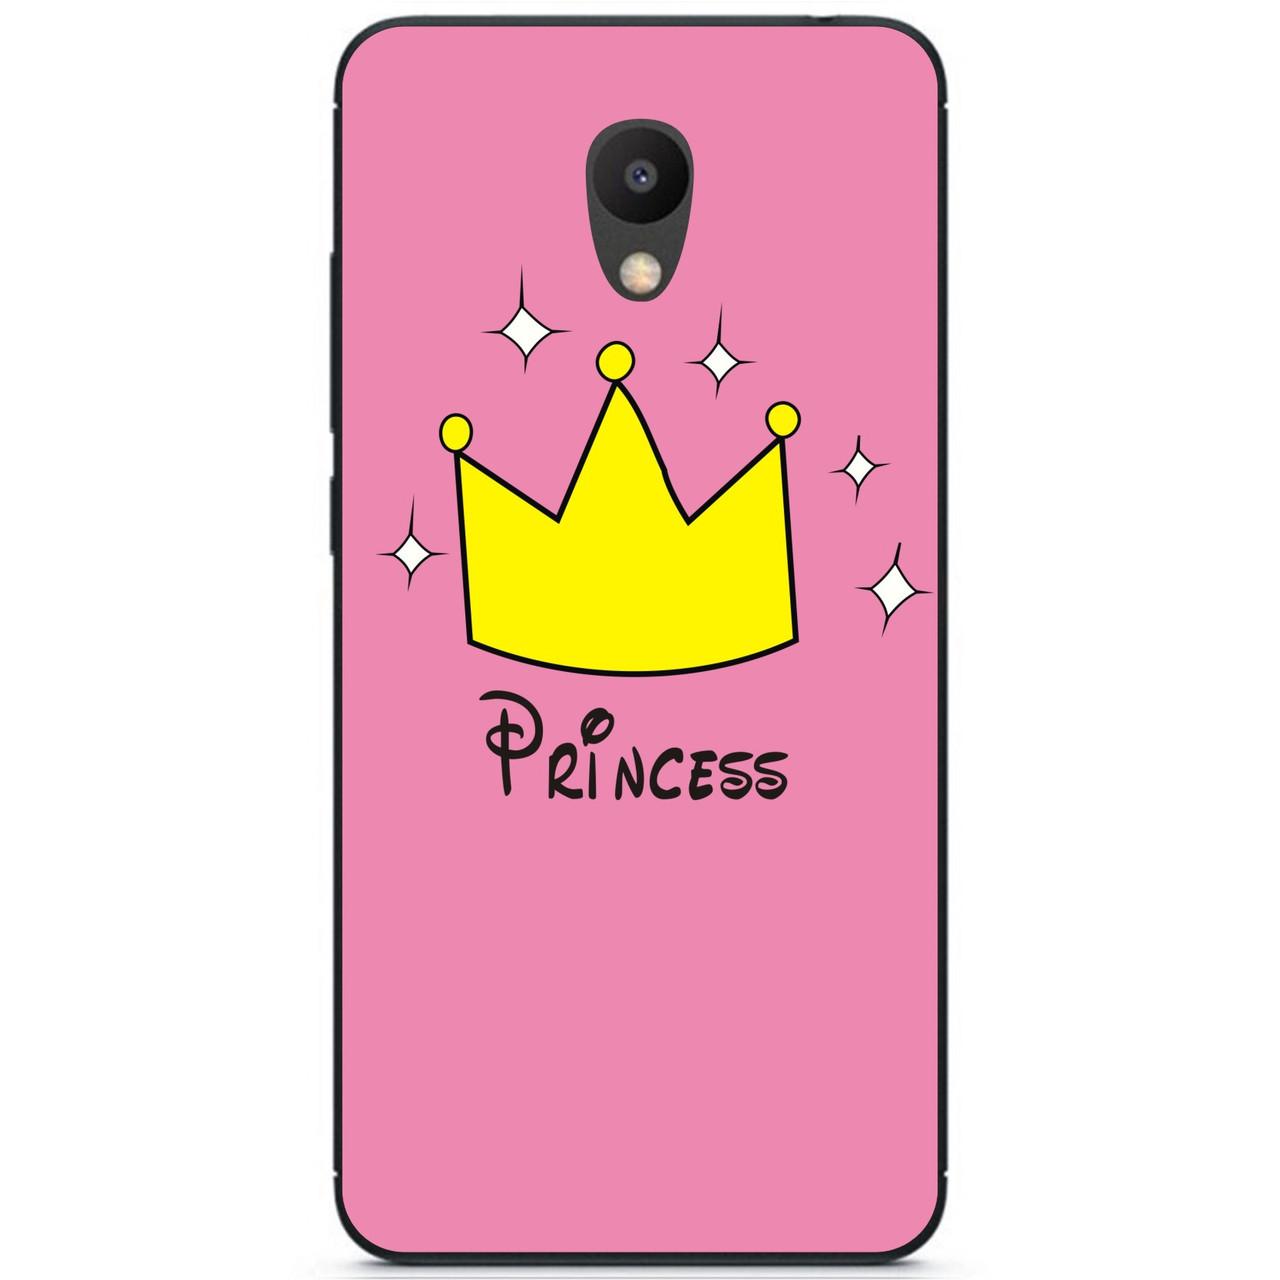 Силиконовый бампер чехол для Meizu M6 с рисунком Принцесса